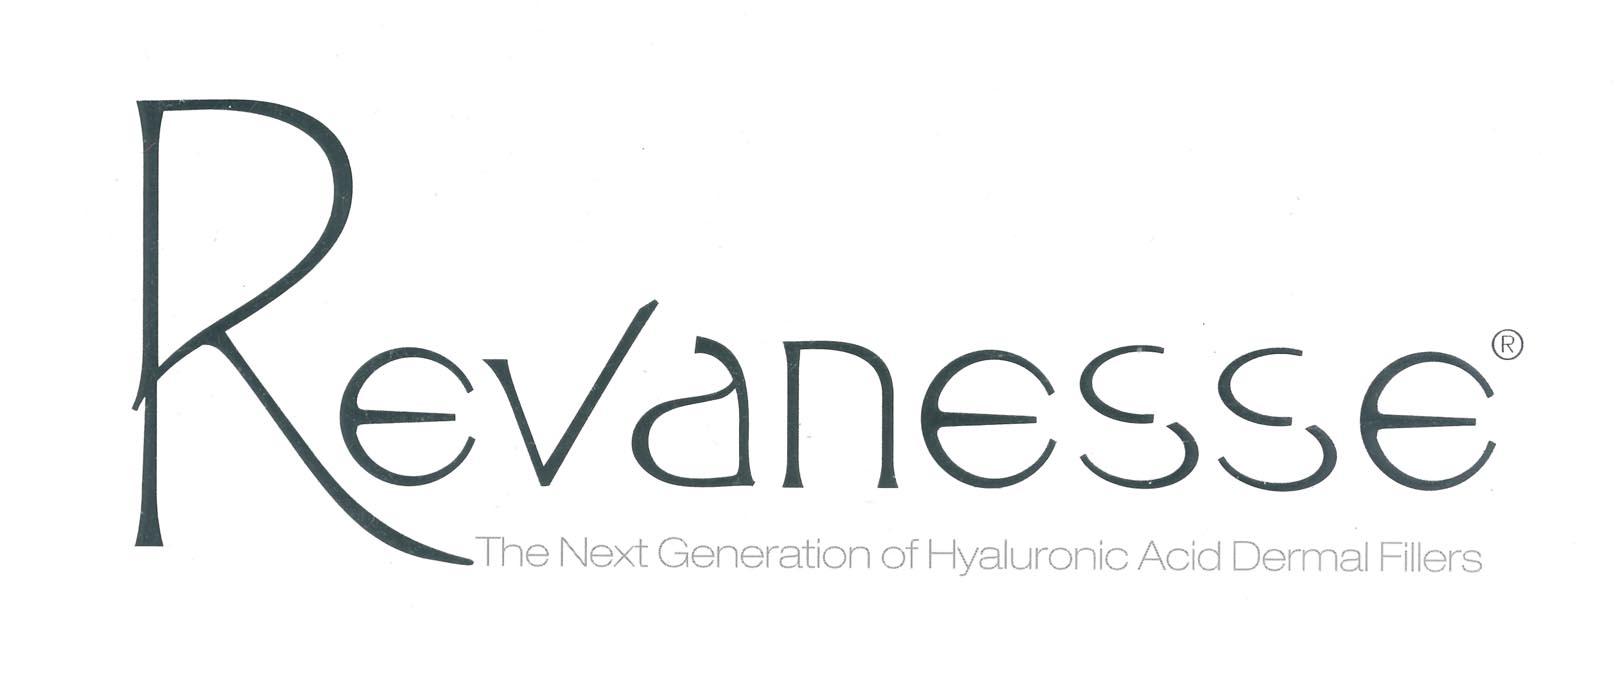 Revanesse-logo%20af.jpg